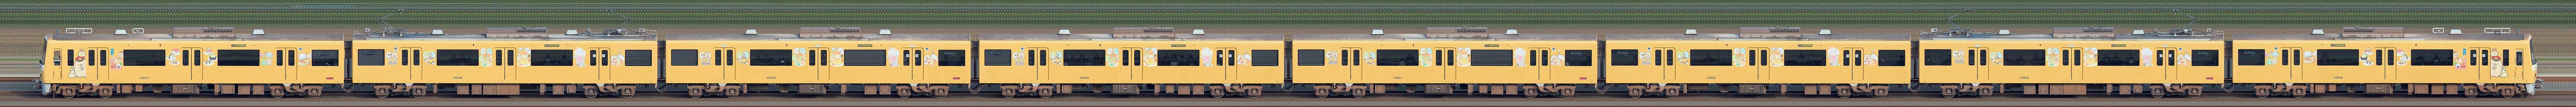 京急電鉄 新1000形(4次車)1057編成「京急イエローハッピートレイン たべものもぐもぐ号」(海側)の編成サイドビュー